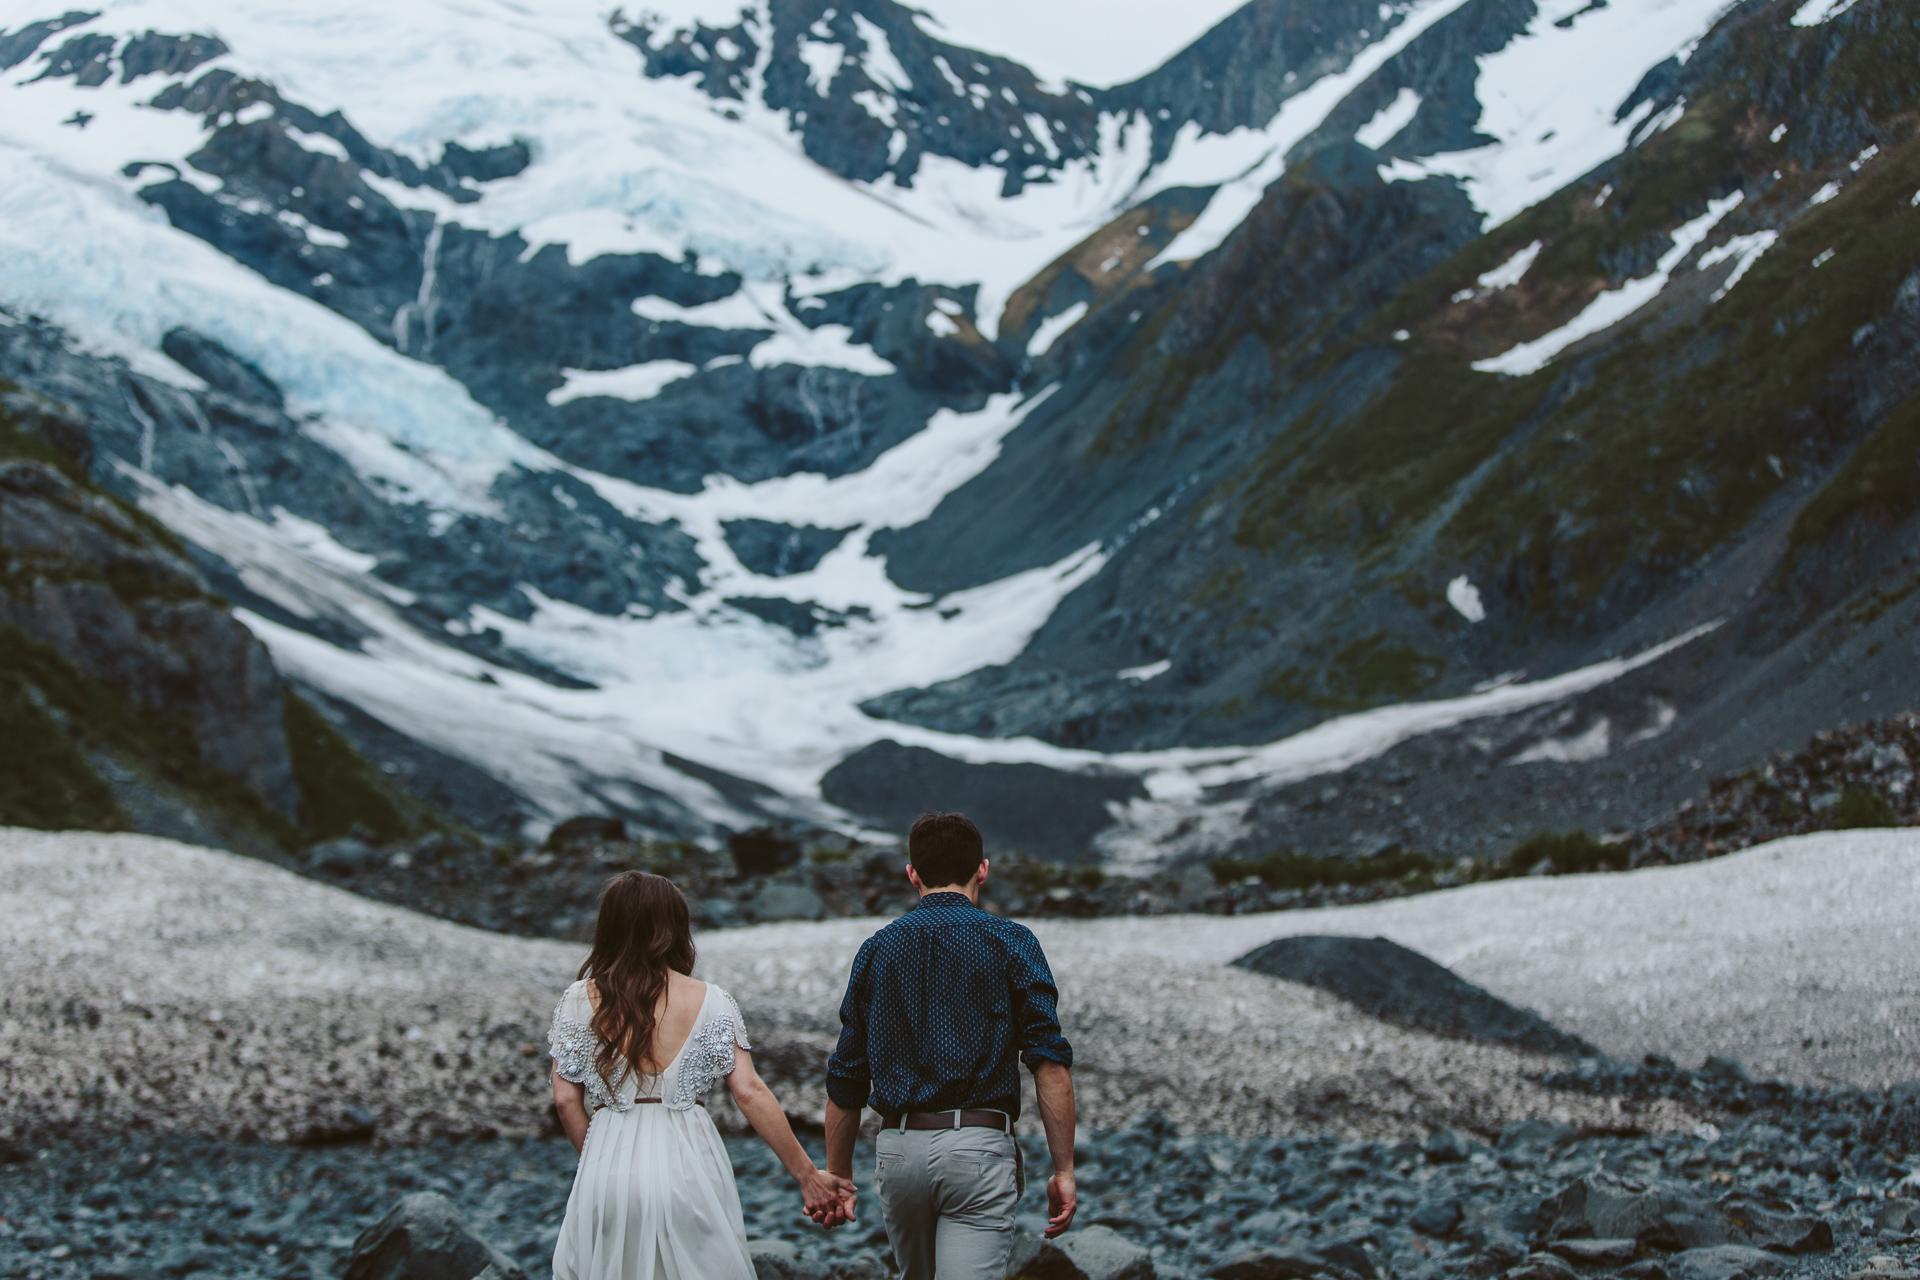 jess-hunter-photographer-alaska-destination-elopement-6143.jpg